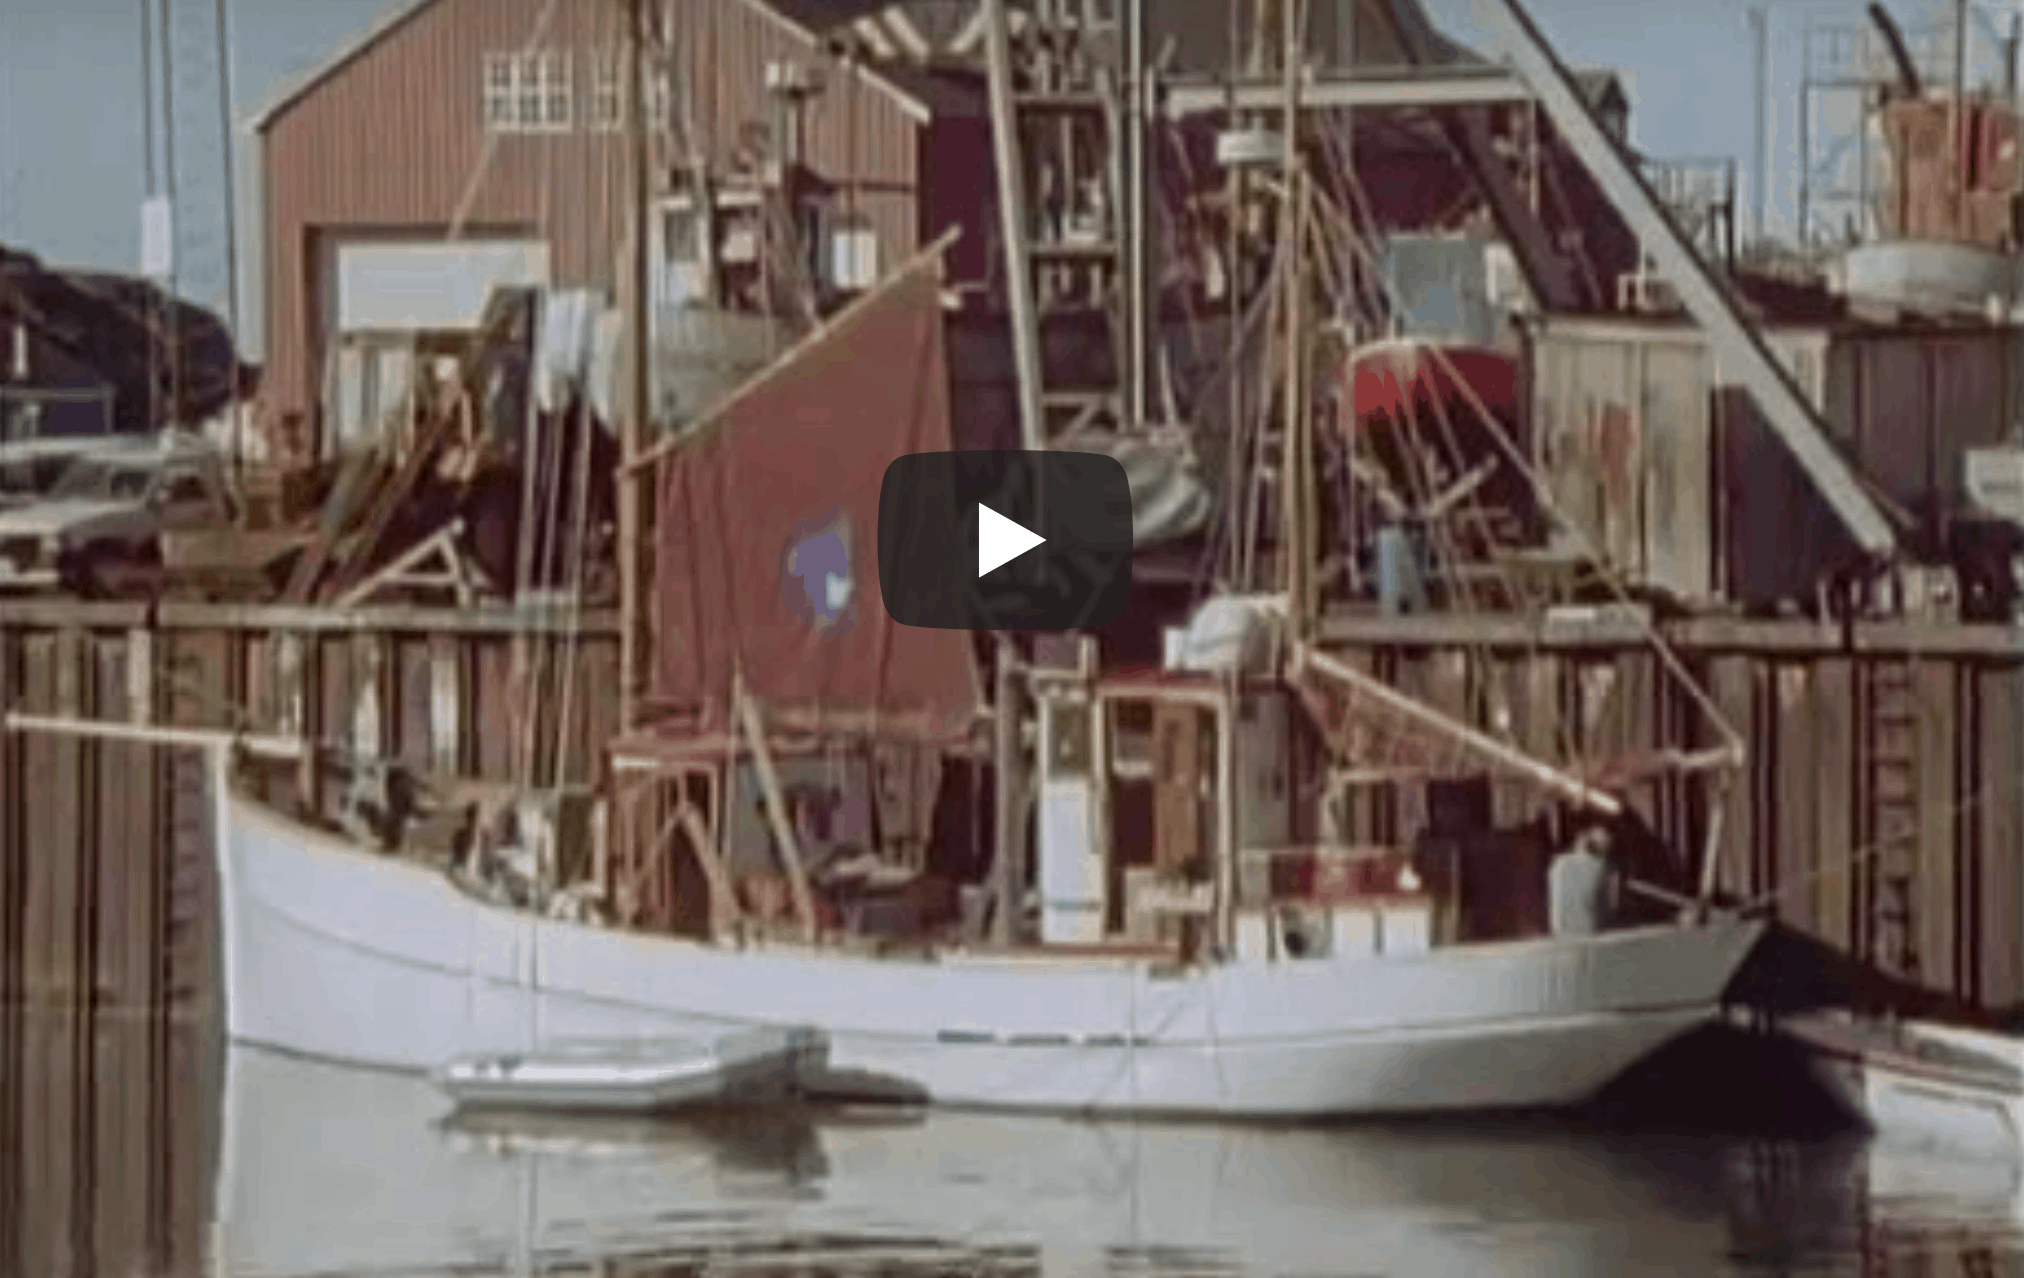 Kivioq ved kaj 1991, formodet i Flensburg